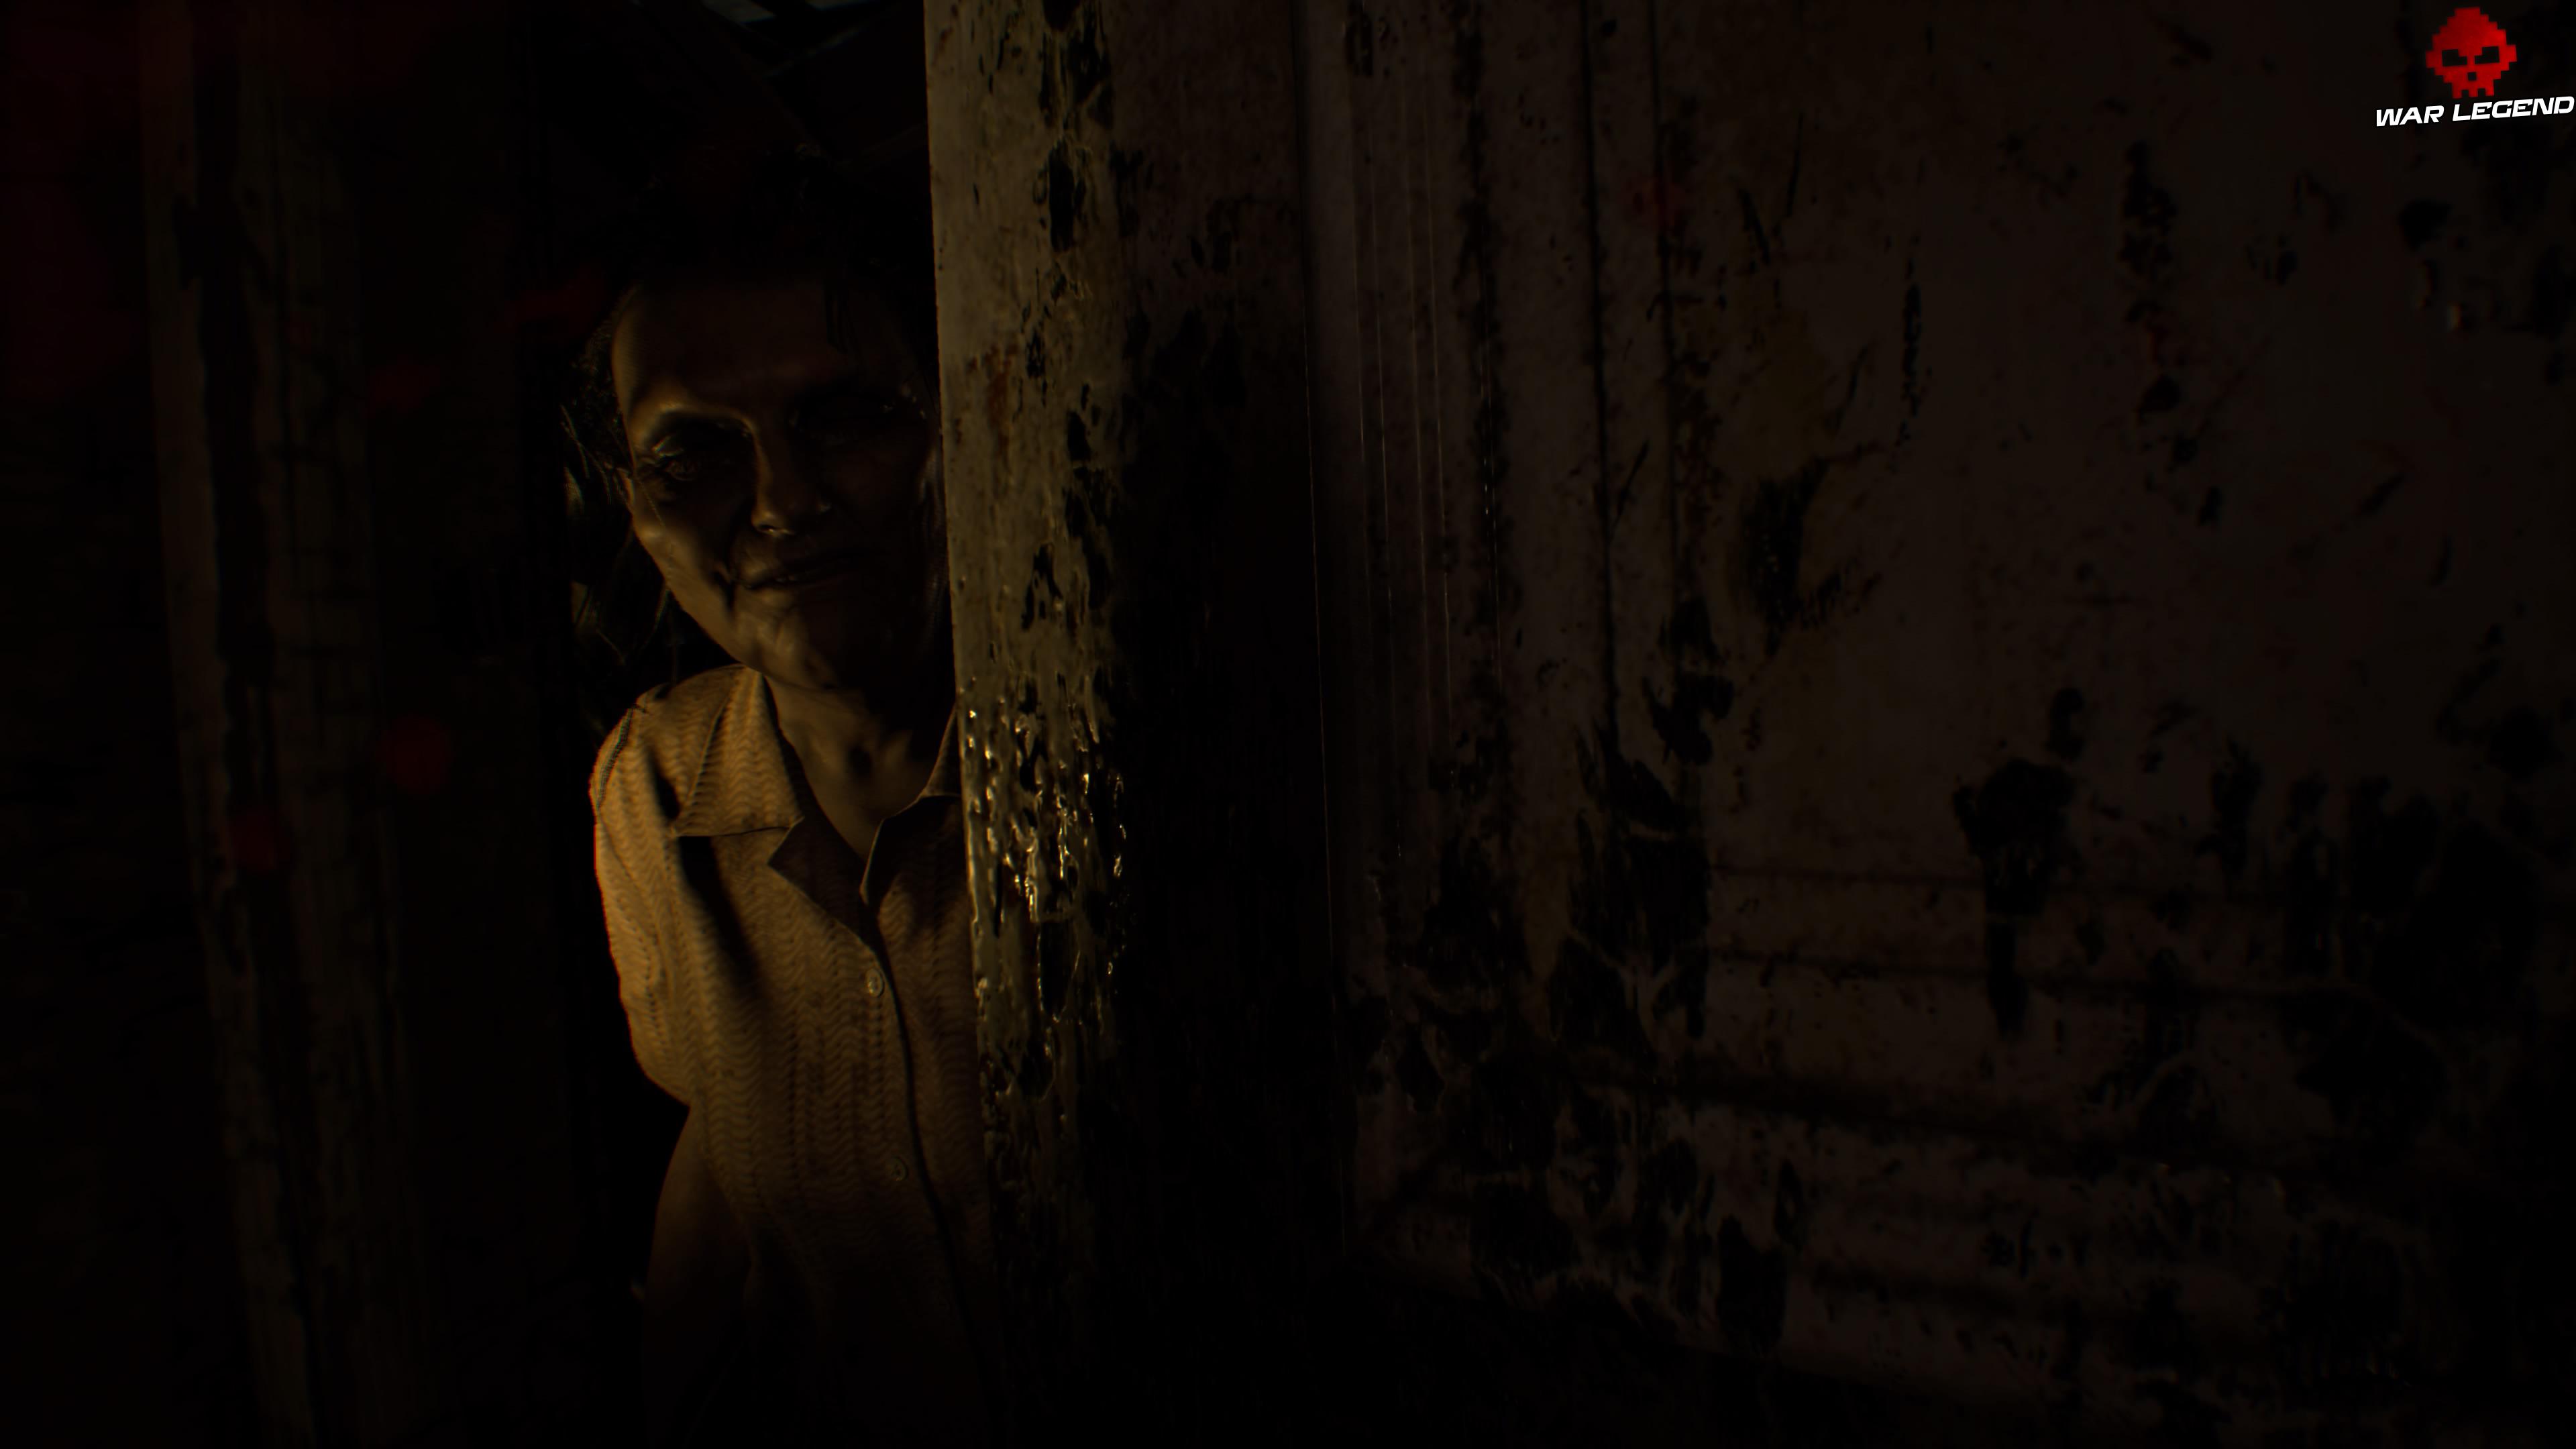 Solution Resident Evil 7 Biohazard - Chapitre 4 Marguerite porte entrouverte